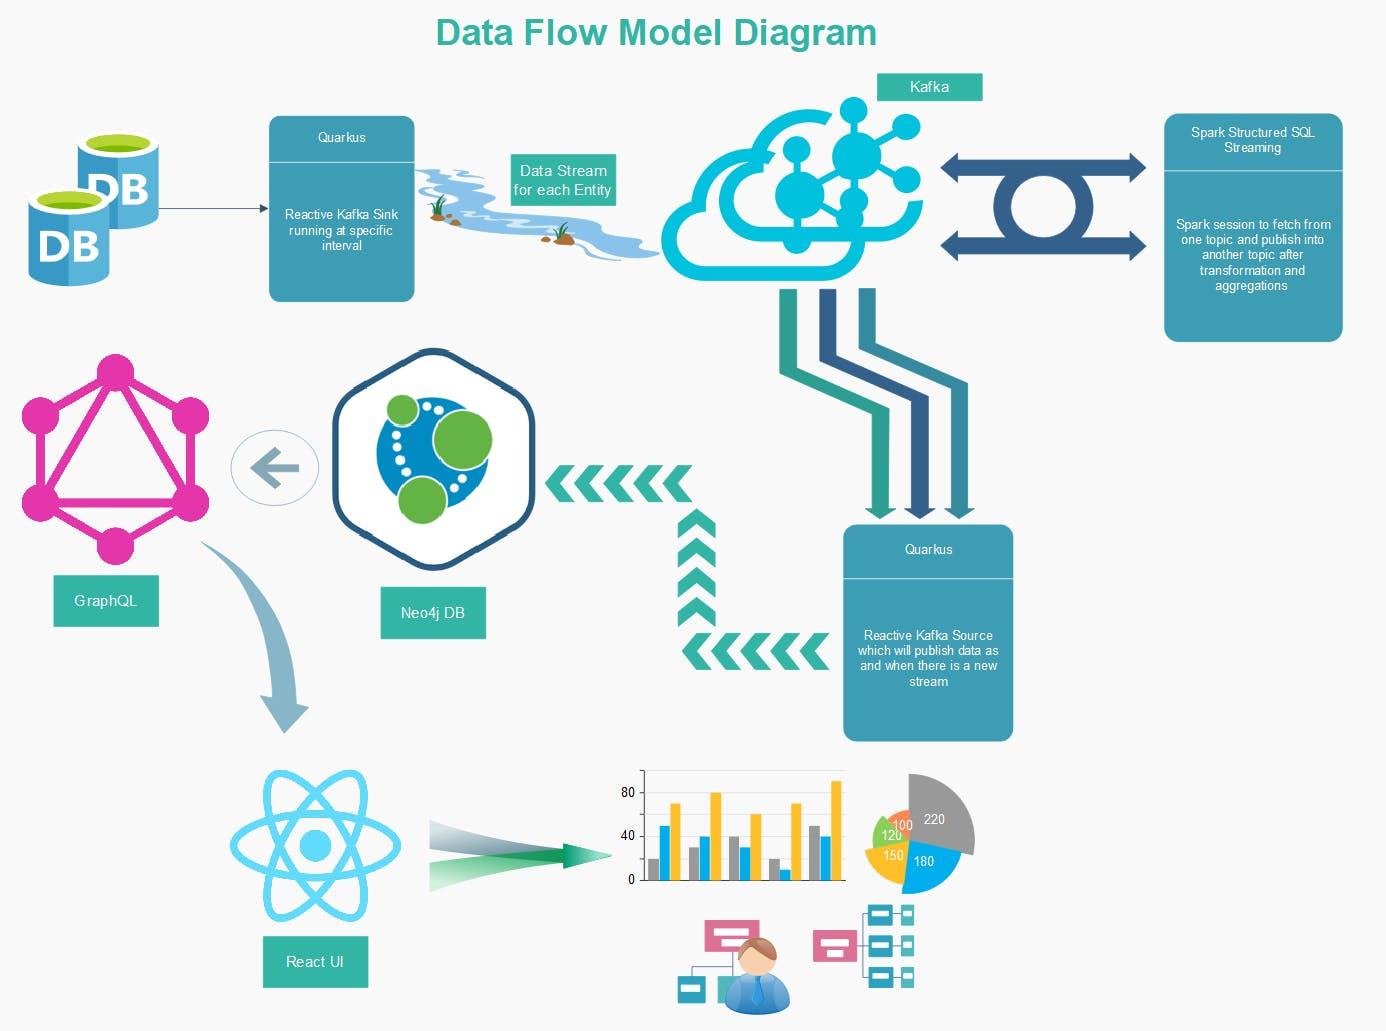 data_flow_model_diagram.PNG